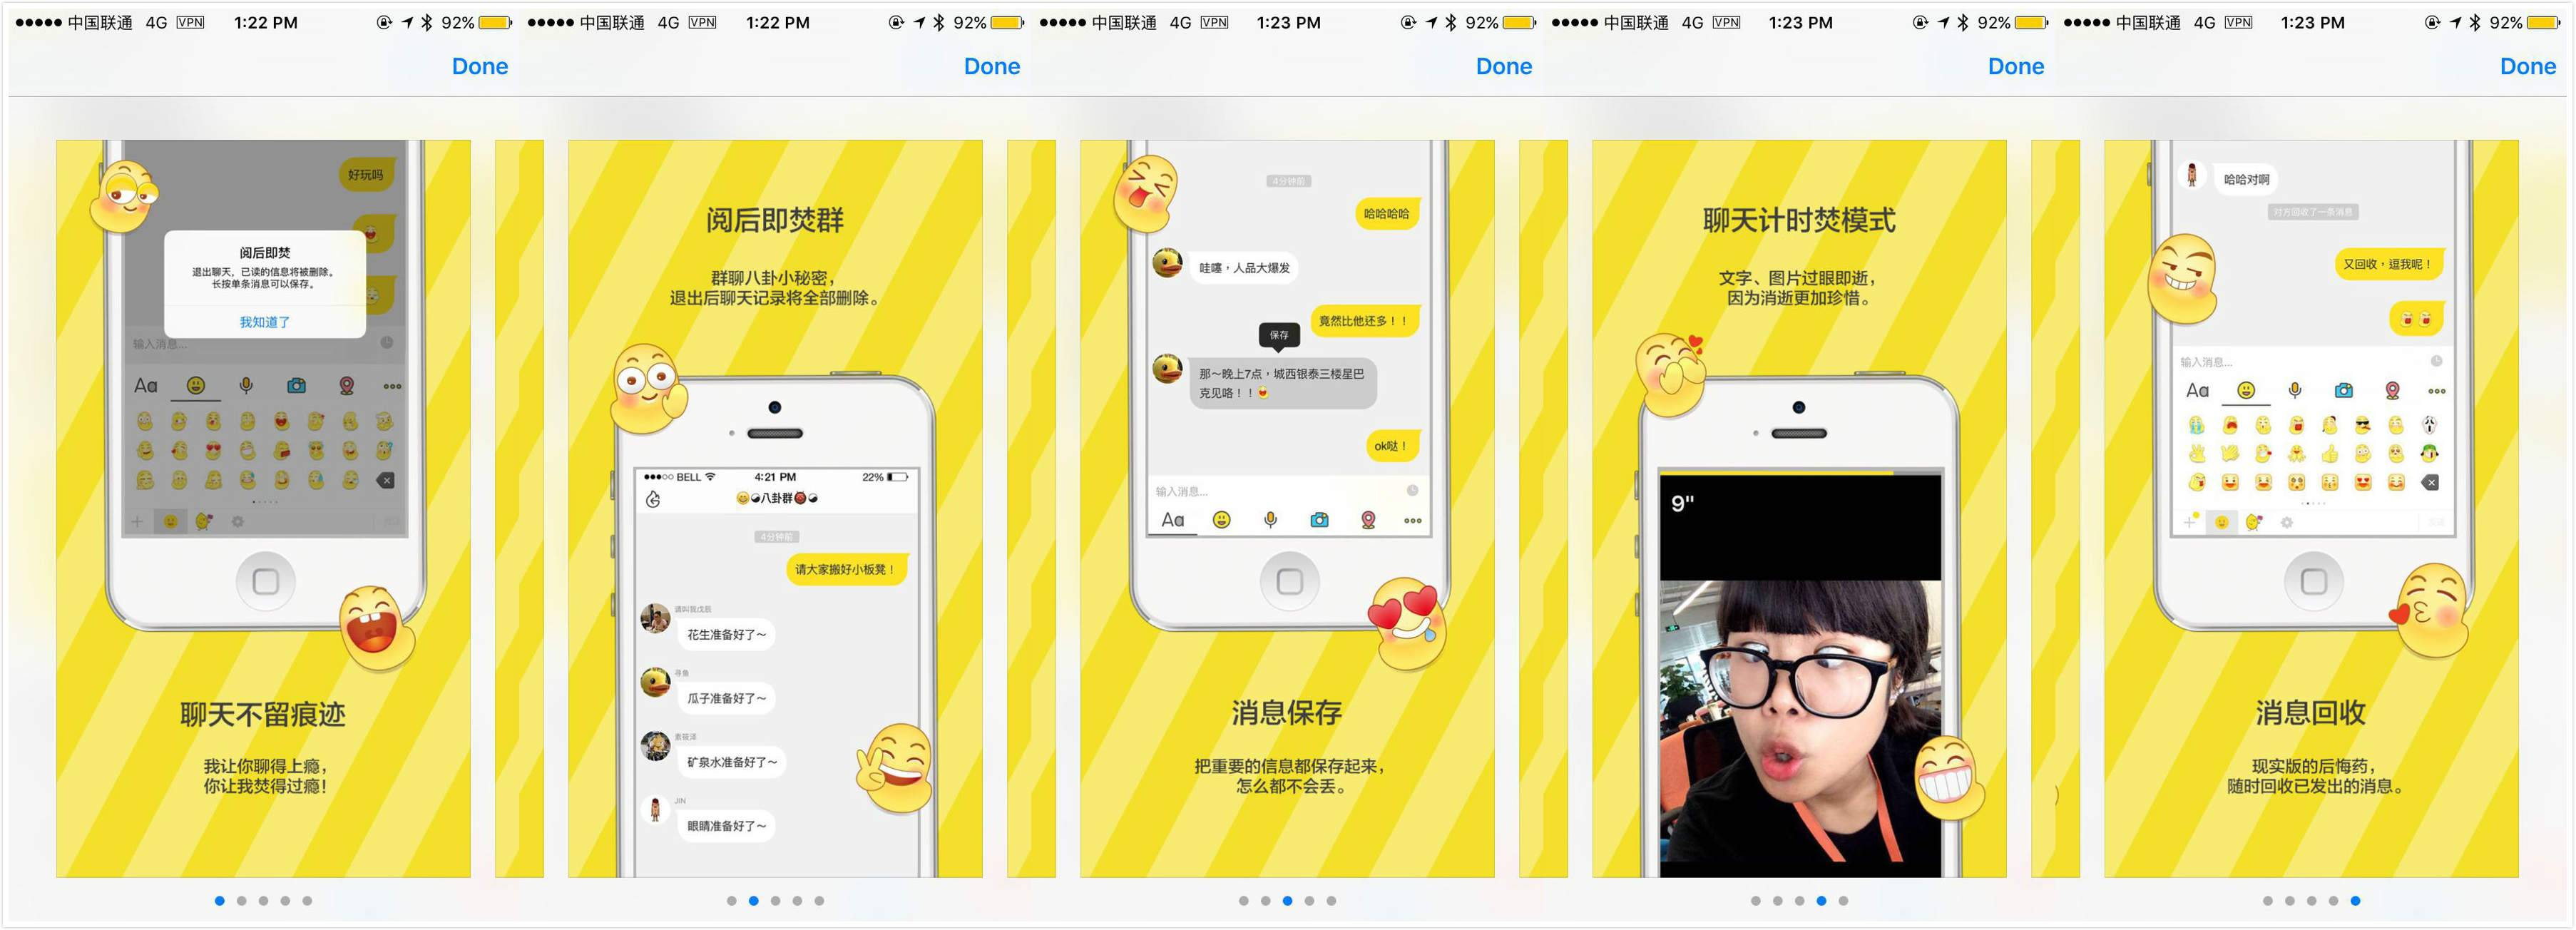 diandianchong-screenshots